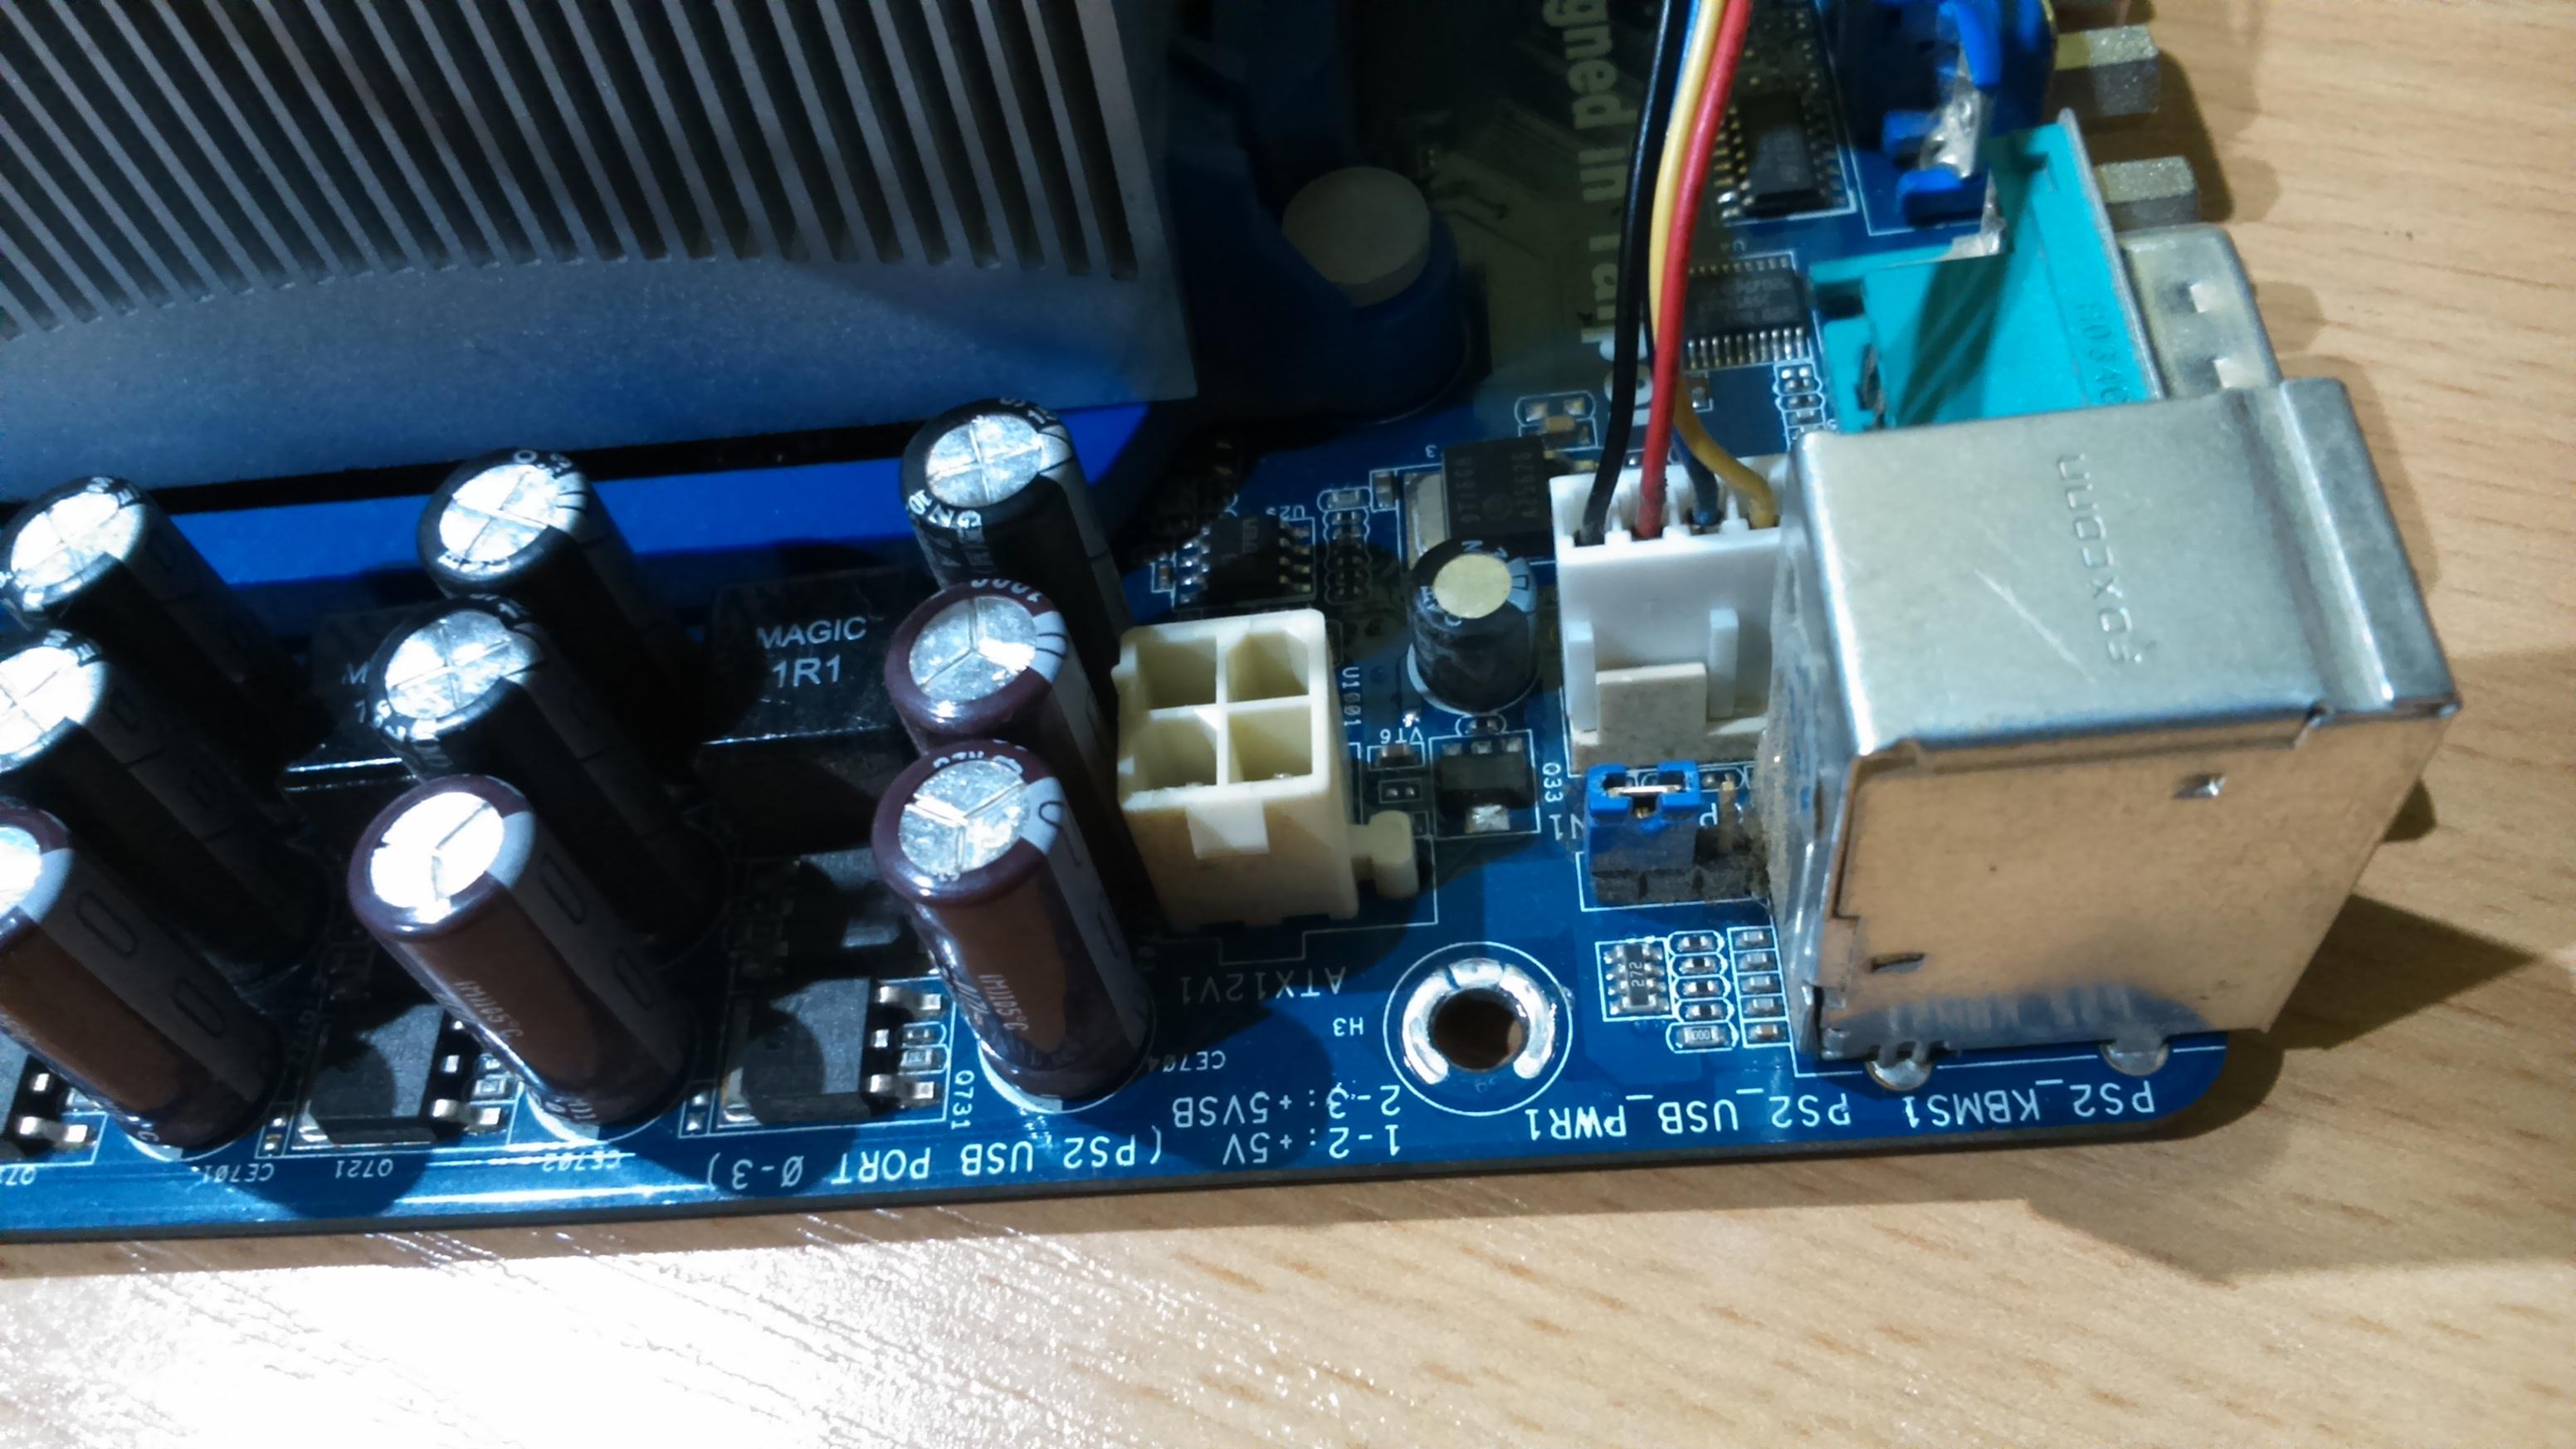 Asrock n68c-s ucc - p�yta nie odpala jak pod��czam ATX12V -4 �y�owy od zasilacza